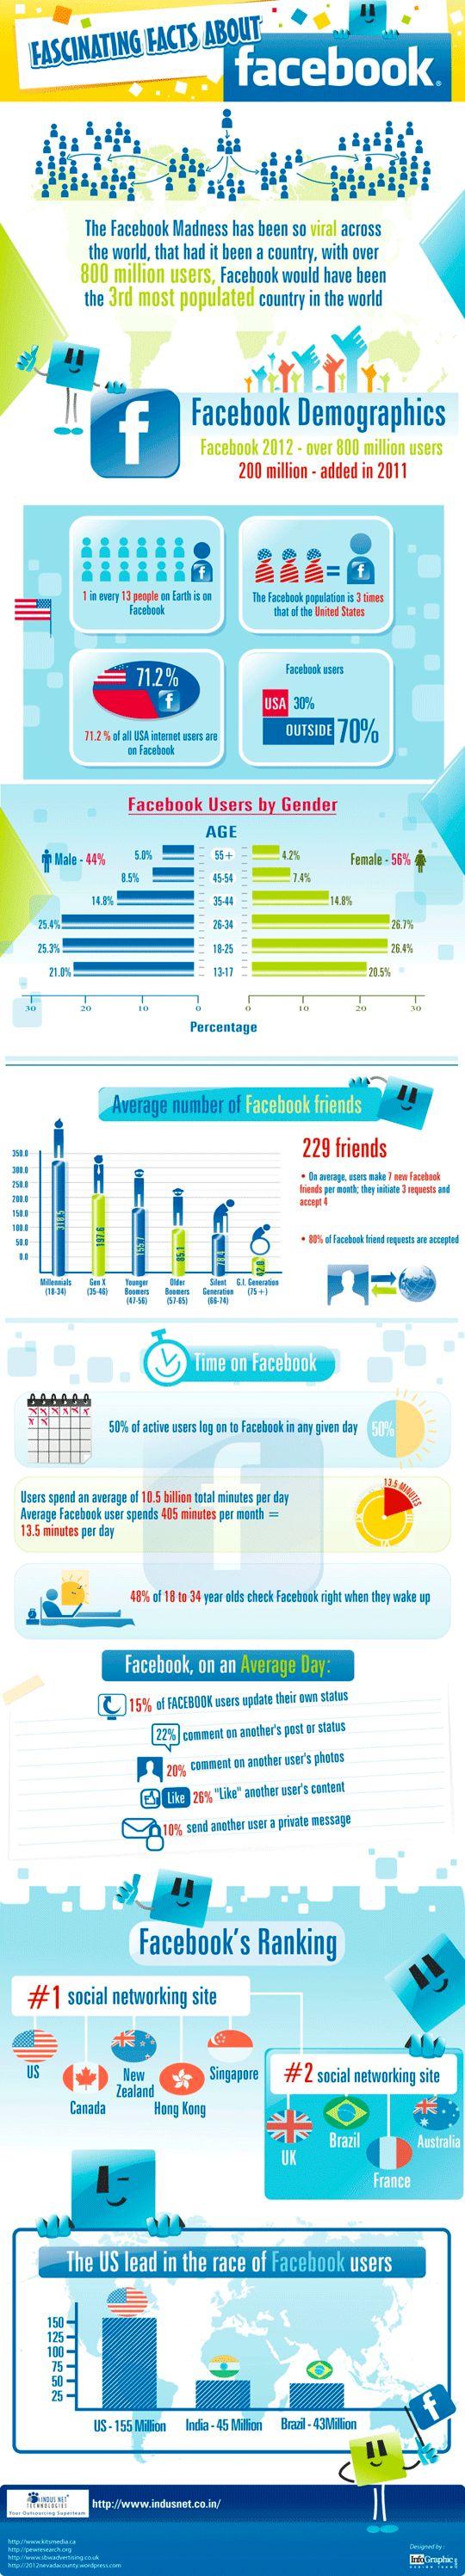 Los datos más curiosos y fascinantes sobre Facebook